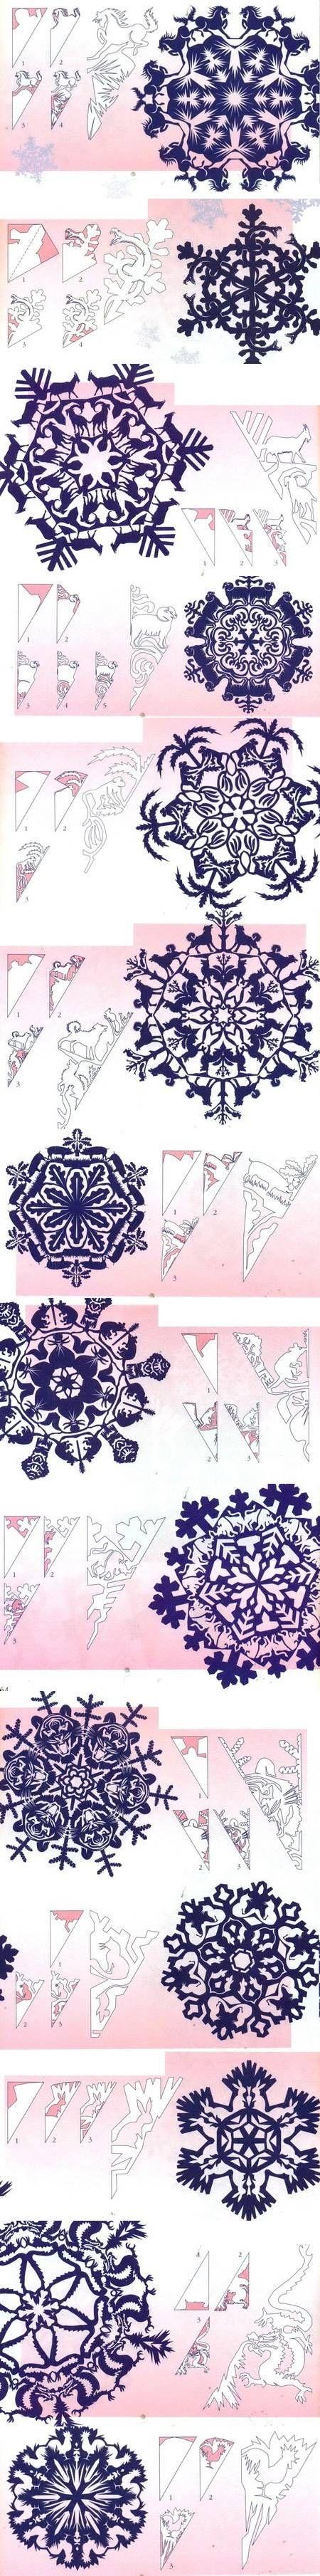 DIY Zodiac Snowflakes